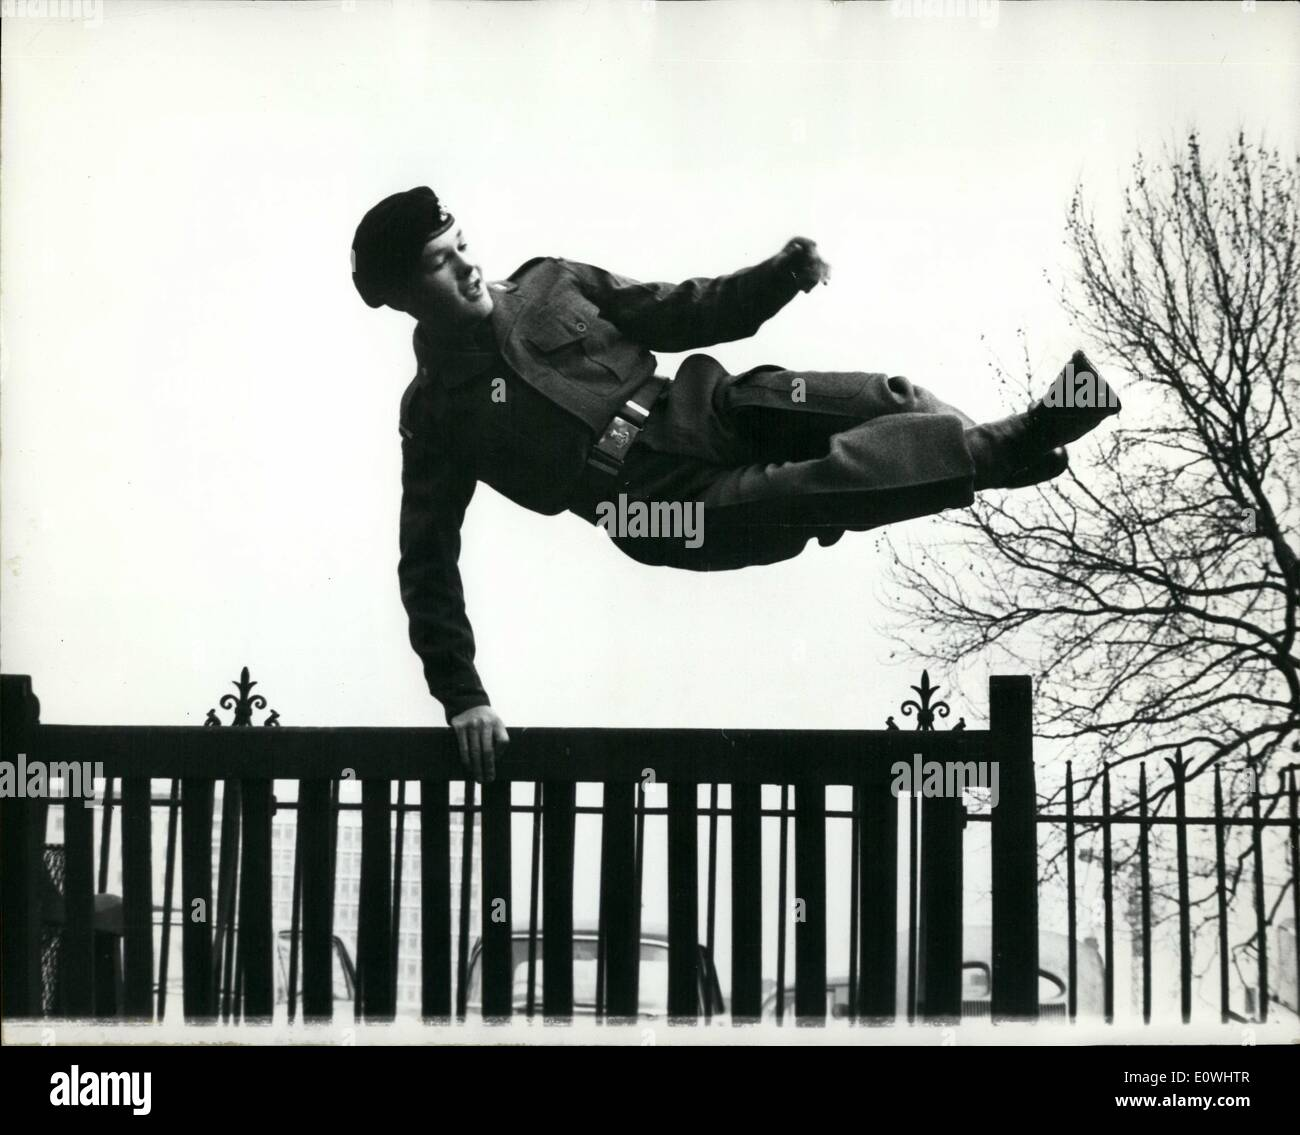 Febrero 02, 1963 - el ejército quería demo ''huérfano Joe'' - Pero él demuestra que es apropiado - soldado. Diecisiete años Joe Hardisty que dijeron que él era médicamente aptos para el servicio militar - saltó de alegría en el día de ayer. Él saltó desde un bloque de hormigón de 12 pies fuera de la Tate Gallery de Londres después de pasar una dura tres horas de exámenes médicos en el cercano Hospital de Millbank. Hace siete semanas - privado Joe - huérfano se le dijo que tendría que ser despedido debido a un menor ches dolencia.. Porque él era tan vivo - su - apeló a la GC bass superiores del ejército para Joe otra medical Imagen De Stock